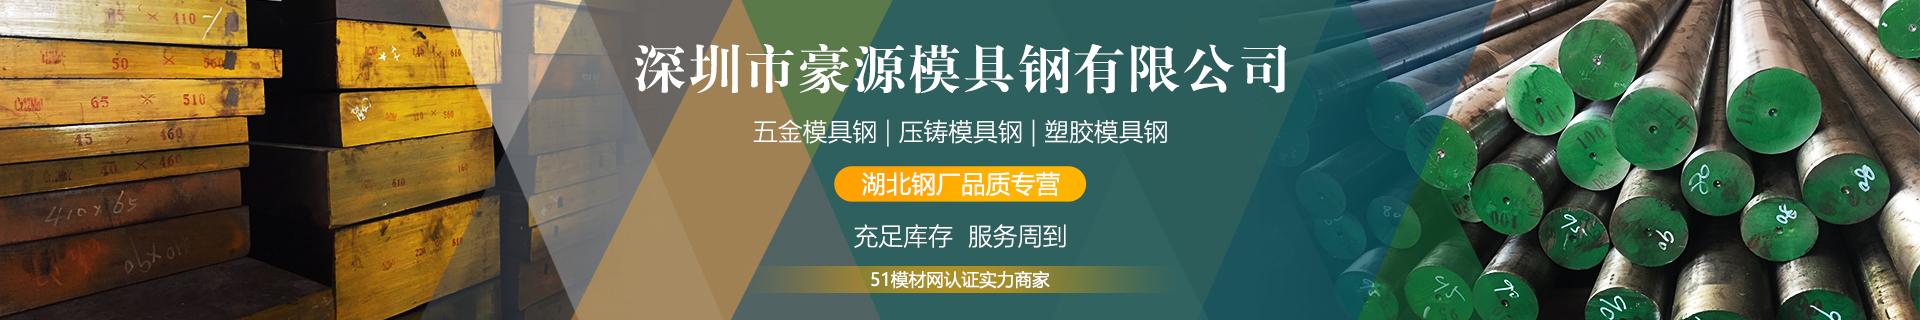 深圳市豪源模具钢有限公司正式入驻51模材网